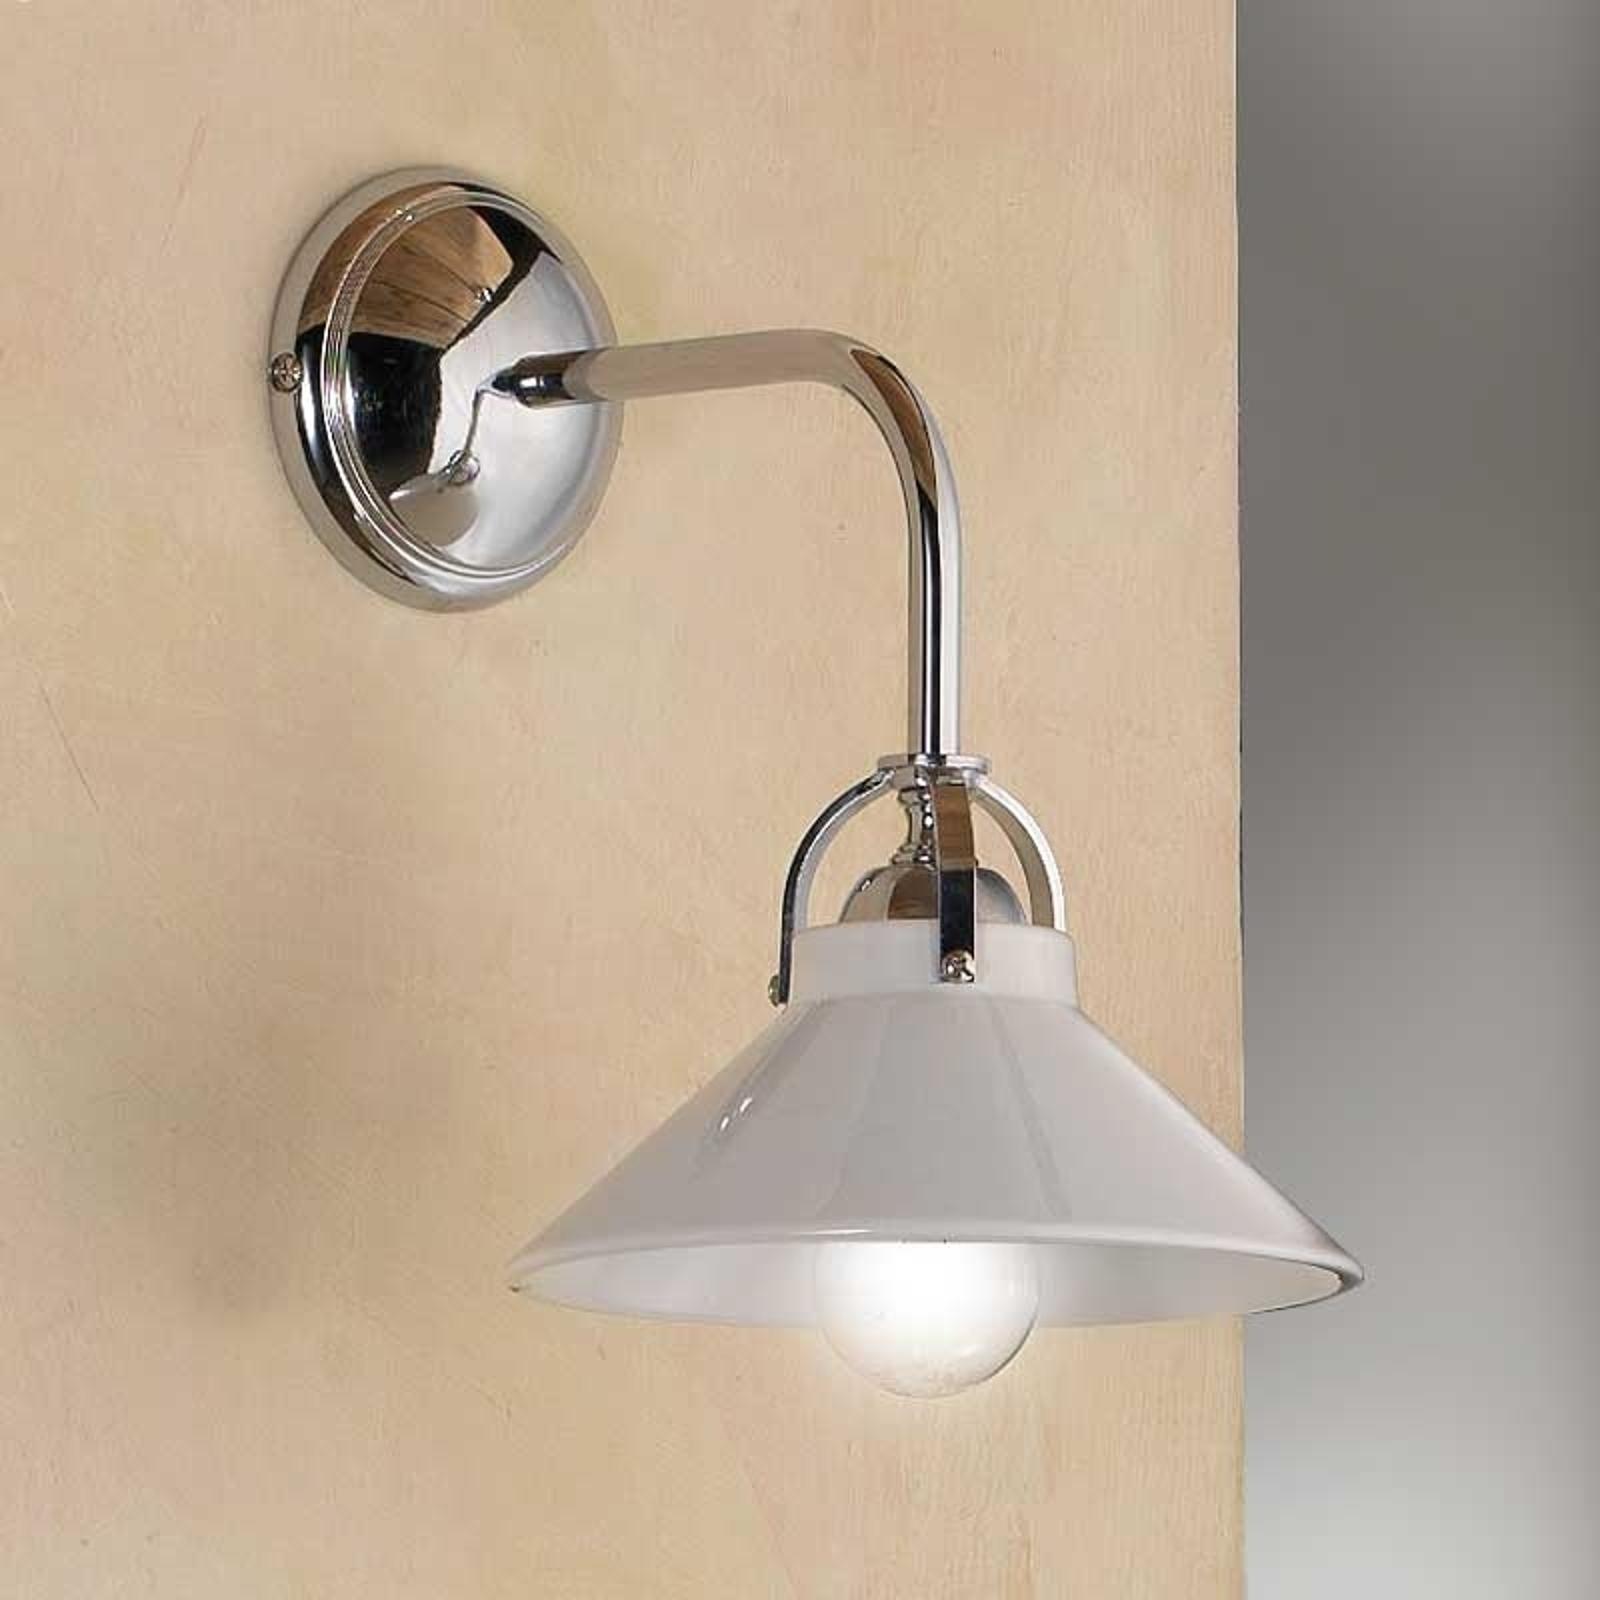 Nástenné svietidlo GIACOMO s keramickým tienidlom_2013095_1